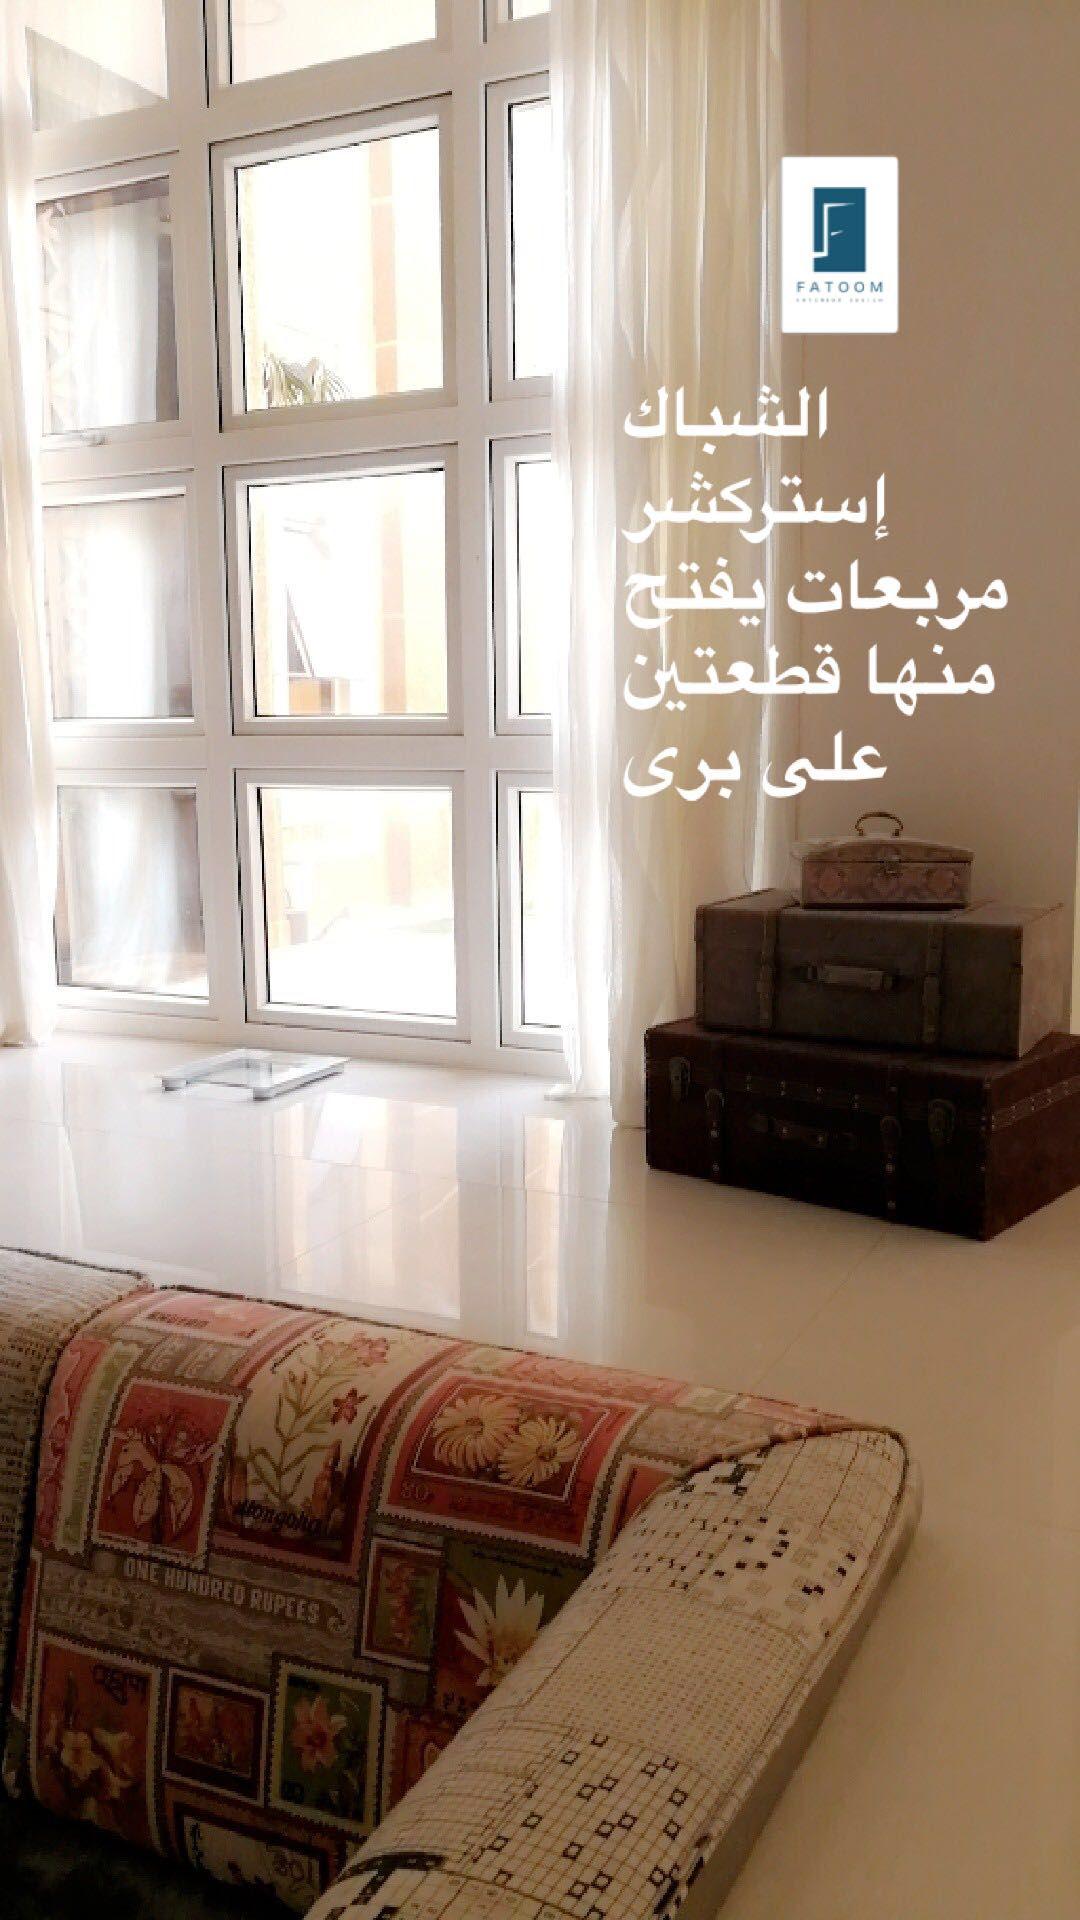 Pin By Fatoom Interior Interior On تصميم جلسه ارضيه Fatoom Interior Decor Design Home Decor